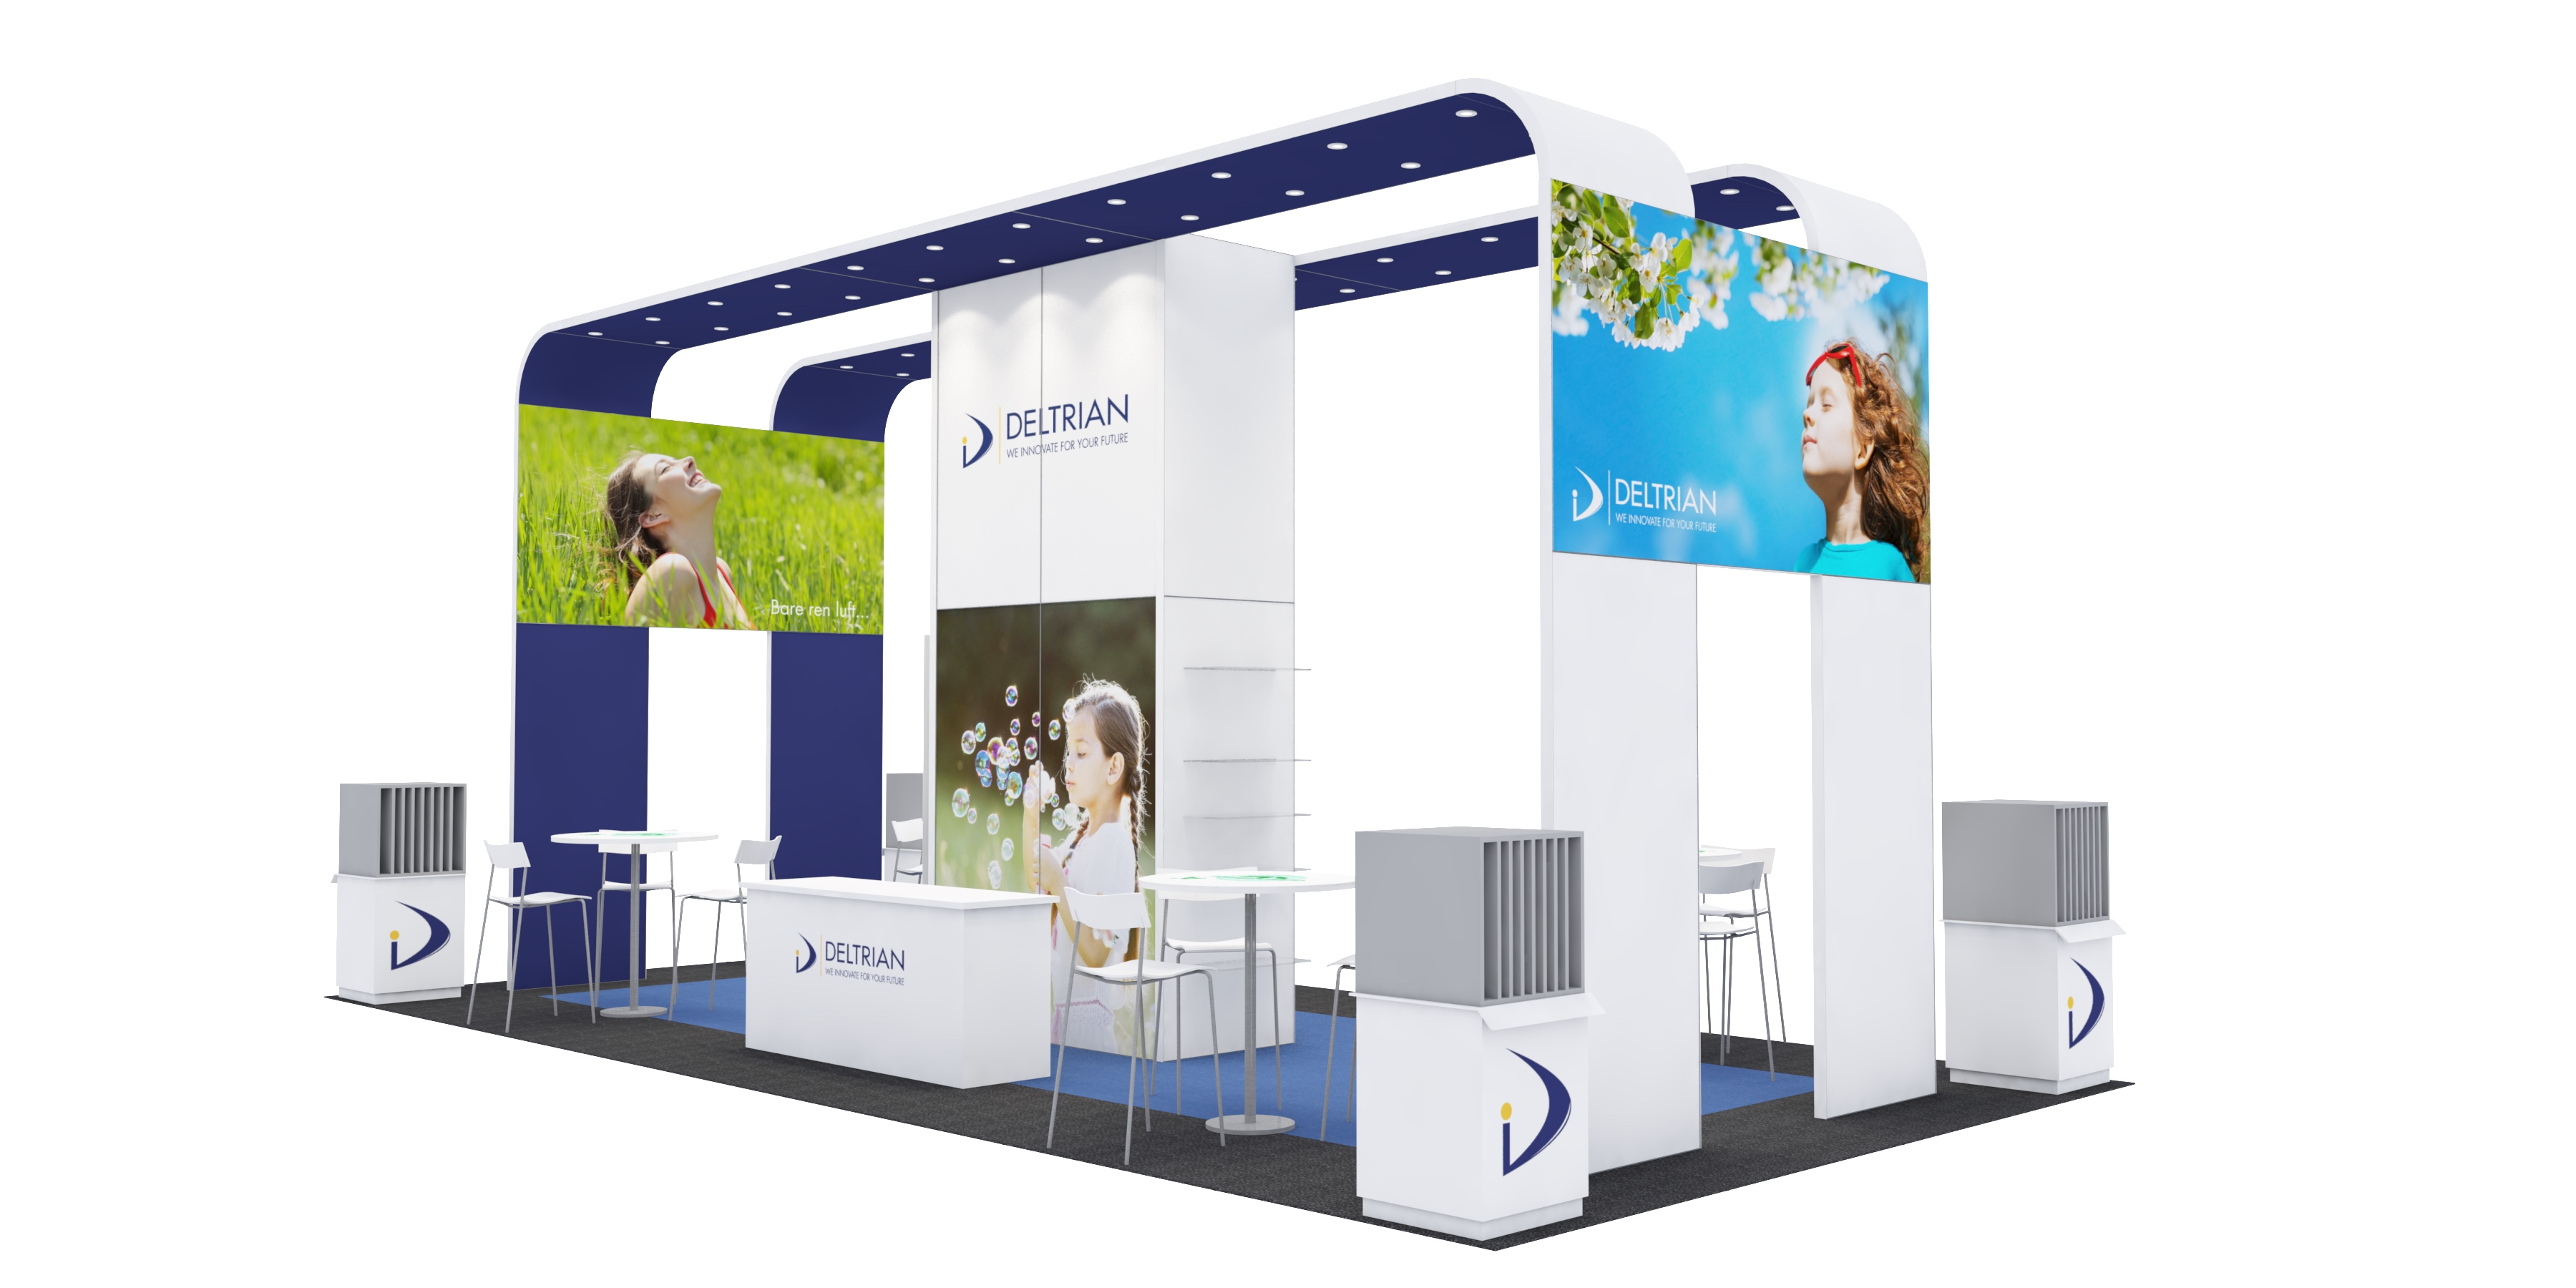 Deltrian International SA